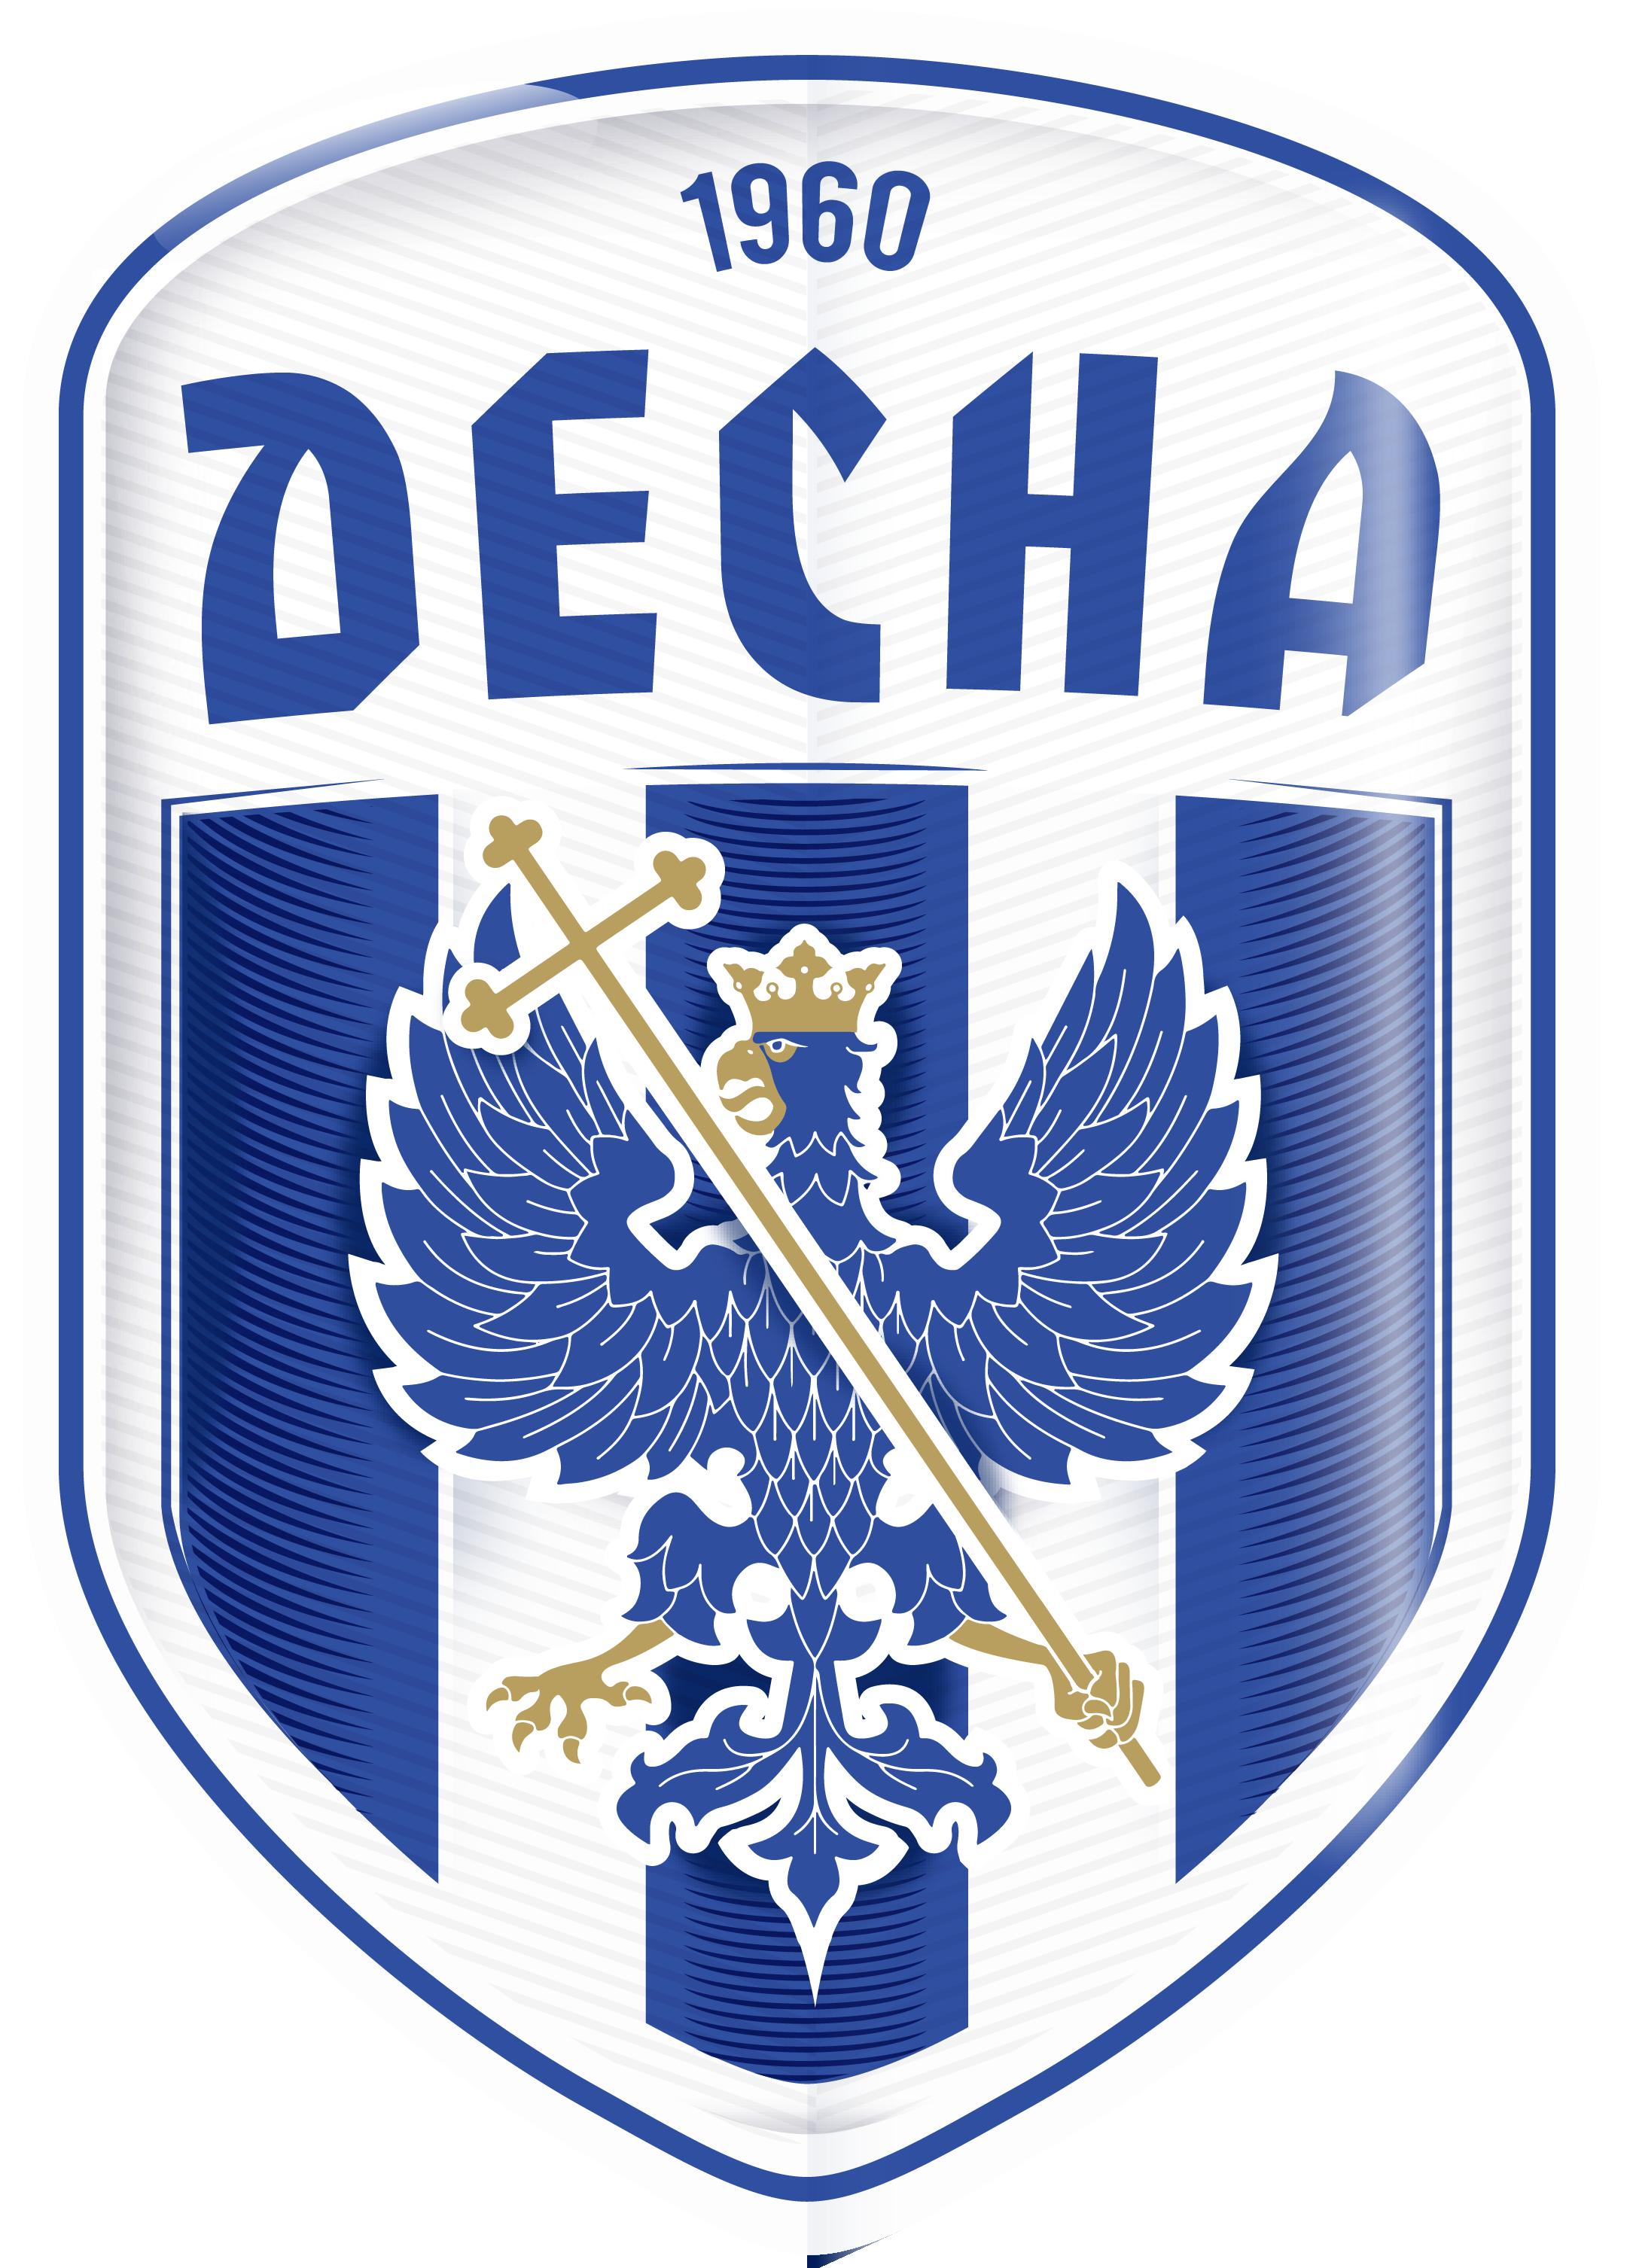 Геральдика сборных. лучшие гербы национальных команд